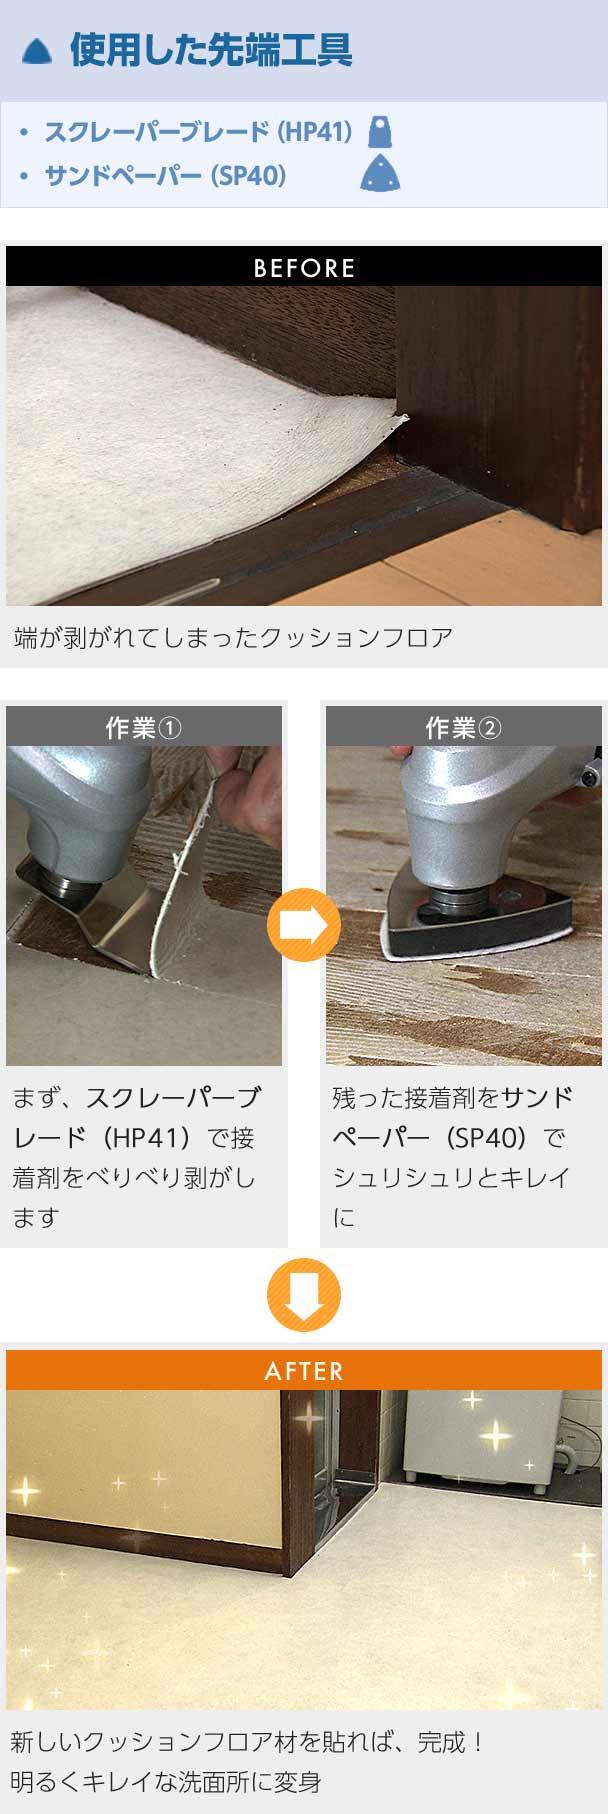 使用した先端工具 スクレーパーブレード(HP41)サンドペーパー(SP40) BEFORE 端が剥がれてしまったクッションフロア 作業1 まず、スクレーパーブレード(HP41)で接着剤をべりべり剥がします 作業2 残った接着剤をサンドペーパー(SP40)でシュリシュリとキレイに AFTER 新しいクッションフロア材を貼れば、完成! 明るくキレイな洗面所に変身